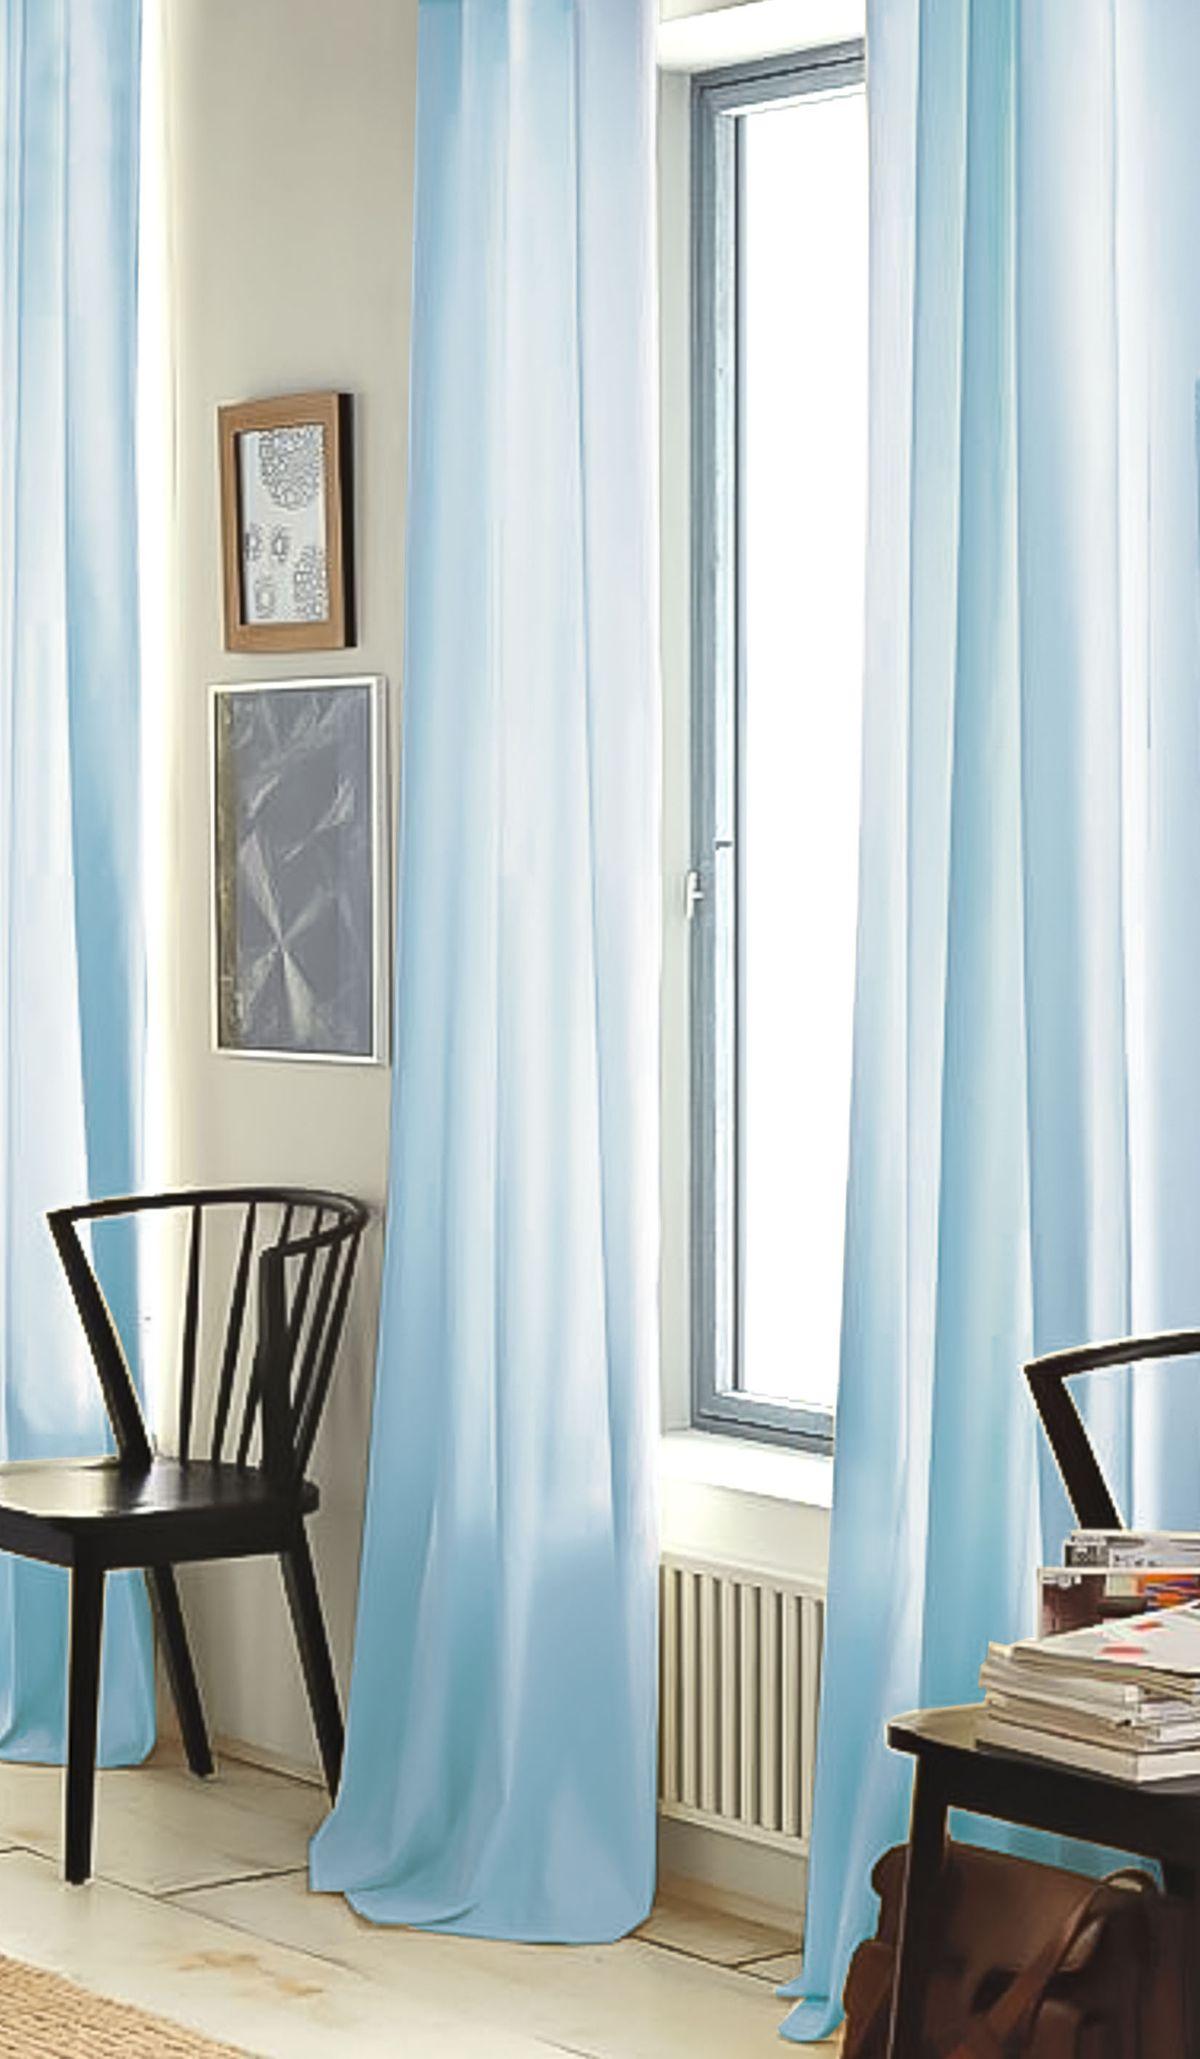 Штора готовая Garden, на ленте, цвет: бирюзовый, 300х260 см. С W356 300х260 V79066704490Тюлевая штора для гостиной Garden выполнена из легкой ткани, станет великолепным украшением любого окна. Воздушная ткань и приятная текстура создаст неповторимую атмосферу в вашем доме. Штора крепится на карниз при помощи ленты, которая поможет красиво и равномерно задрапировать верх.